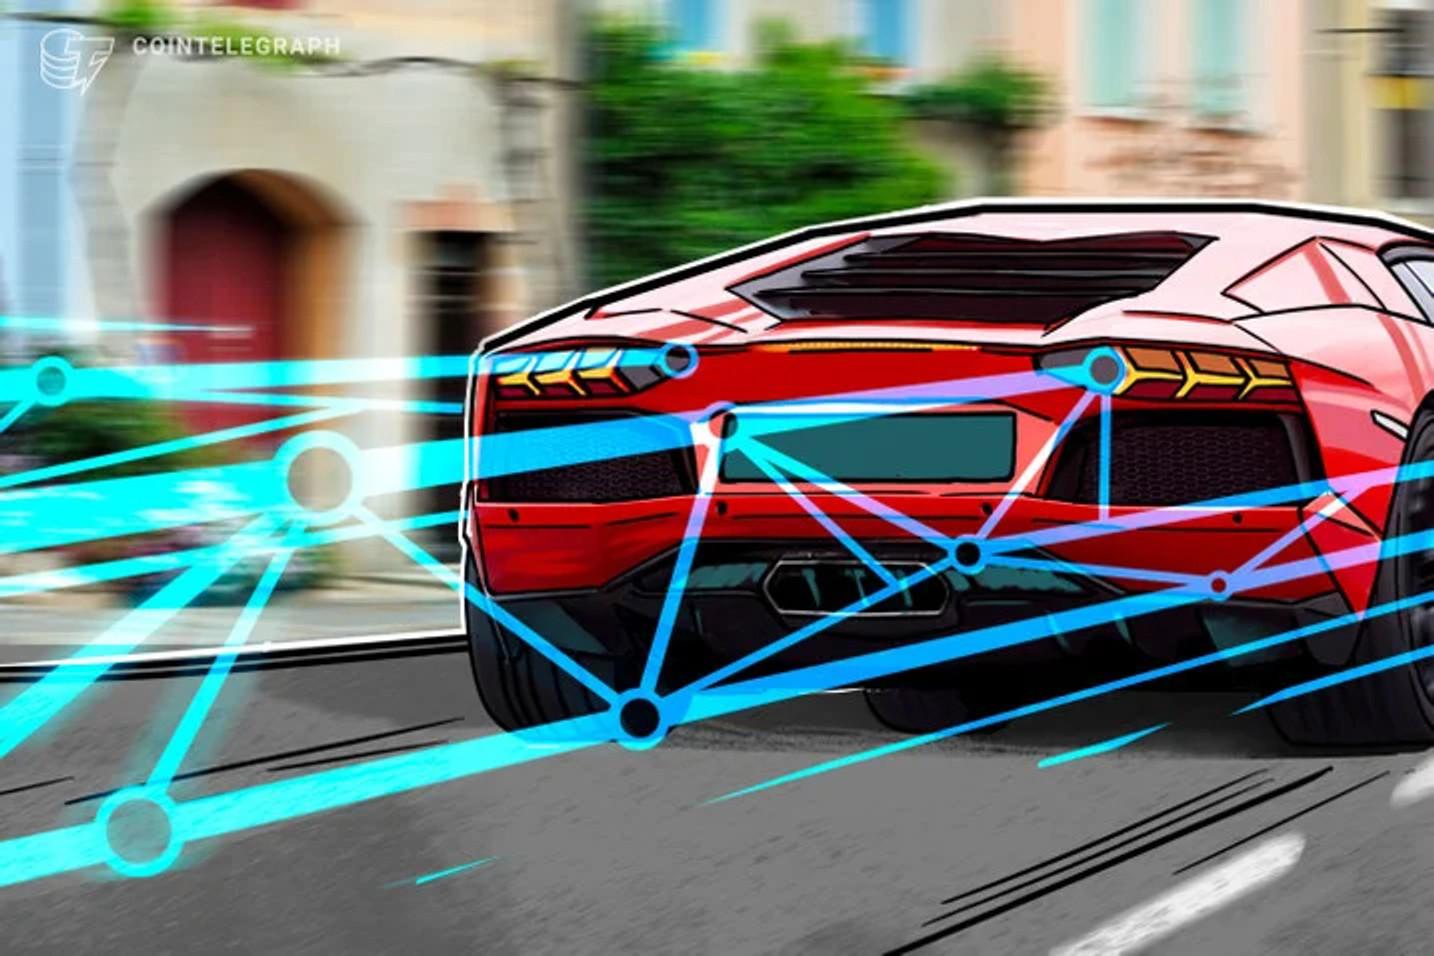 세종시, 블록체인 기술로 자율주행차 안전도 높인다